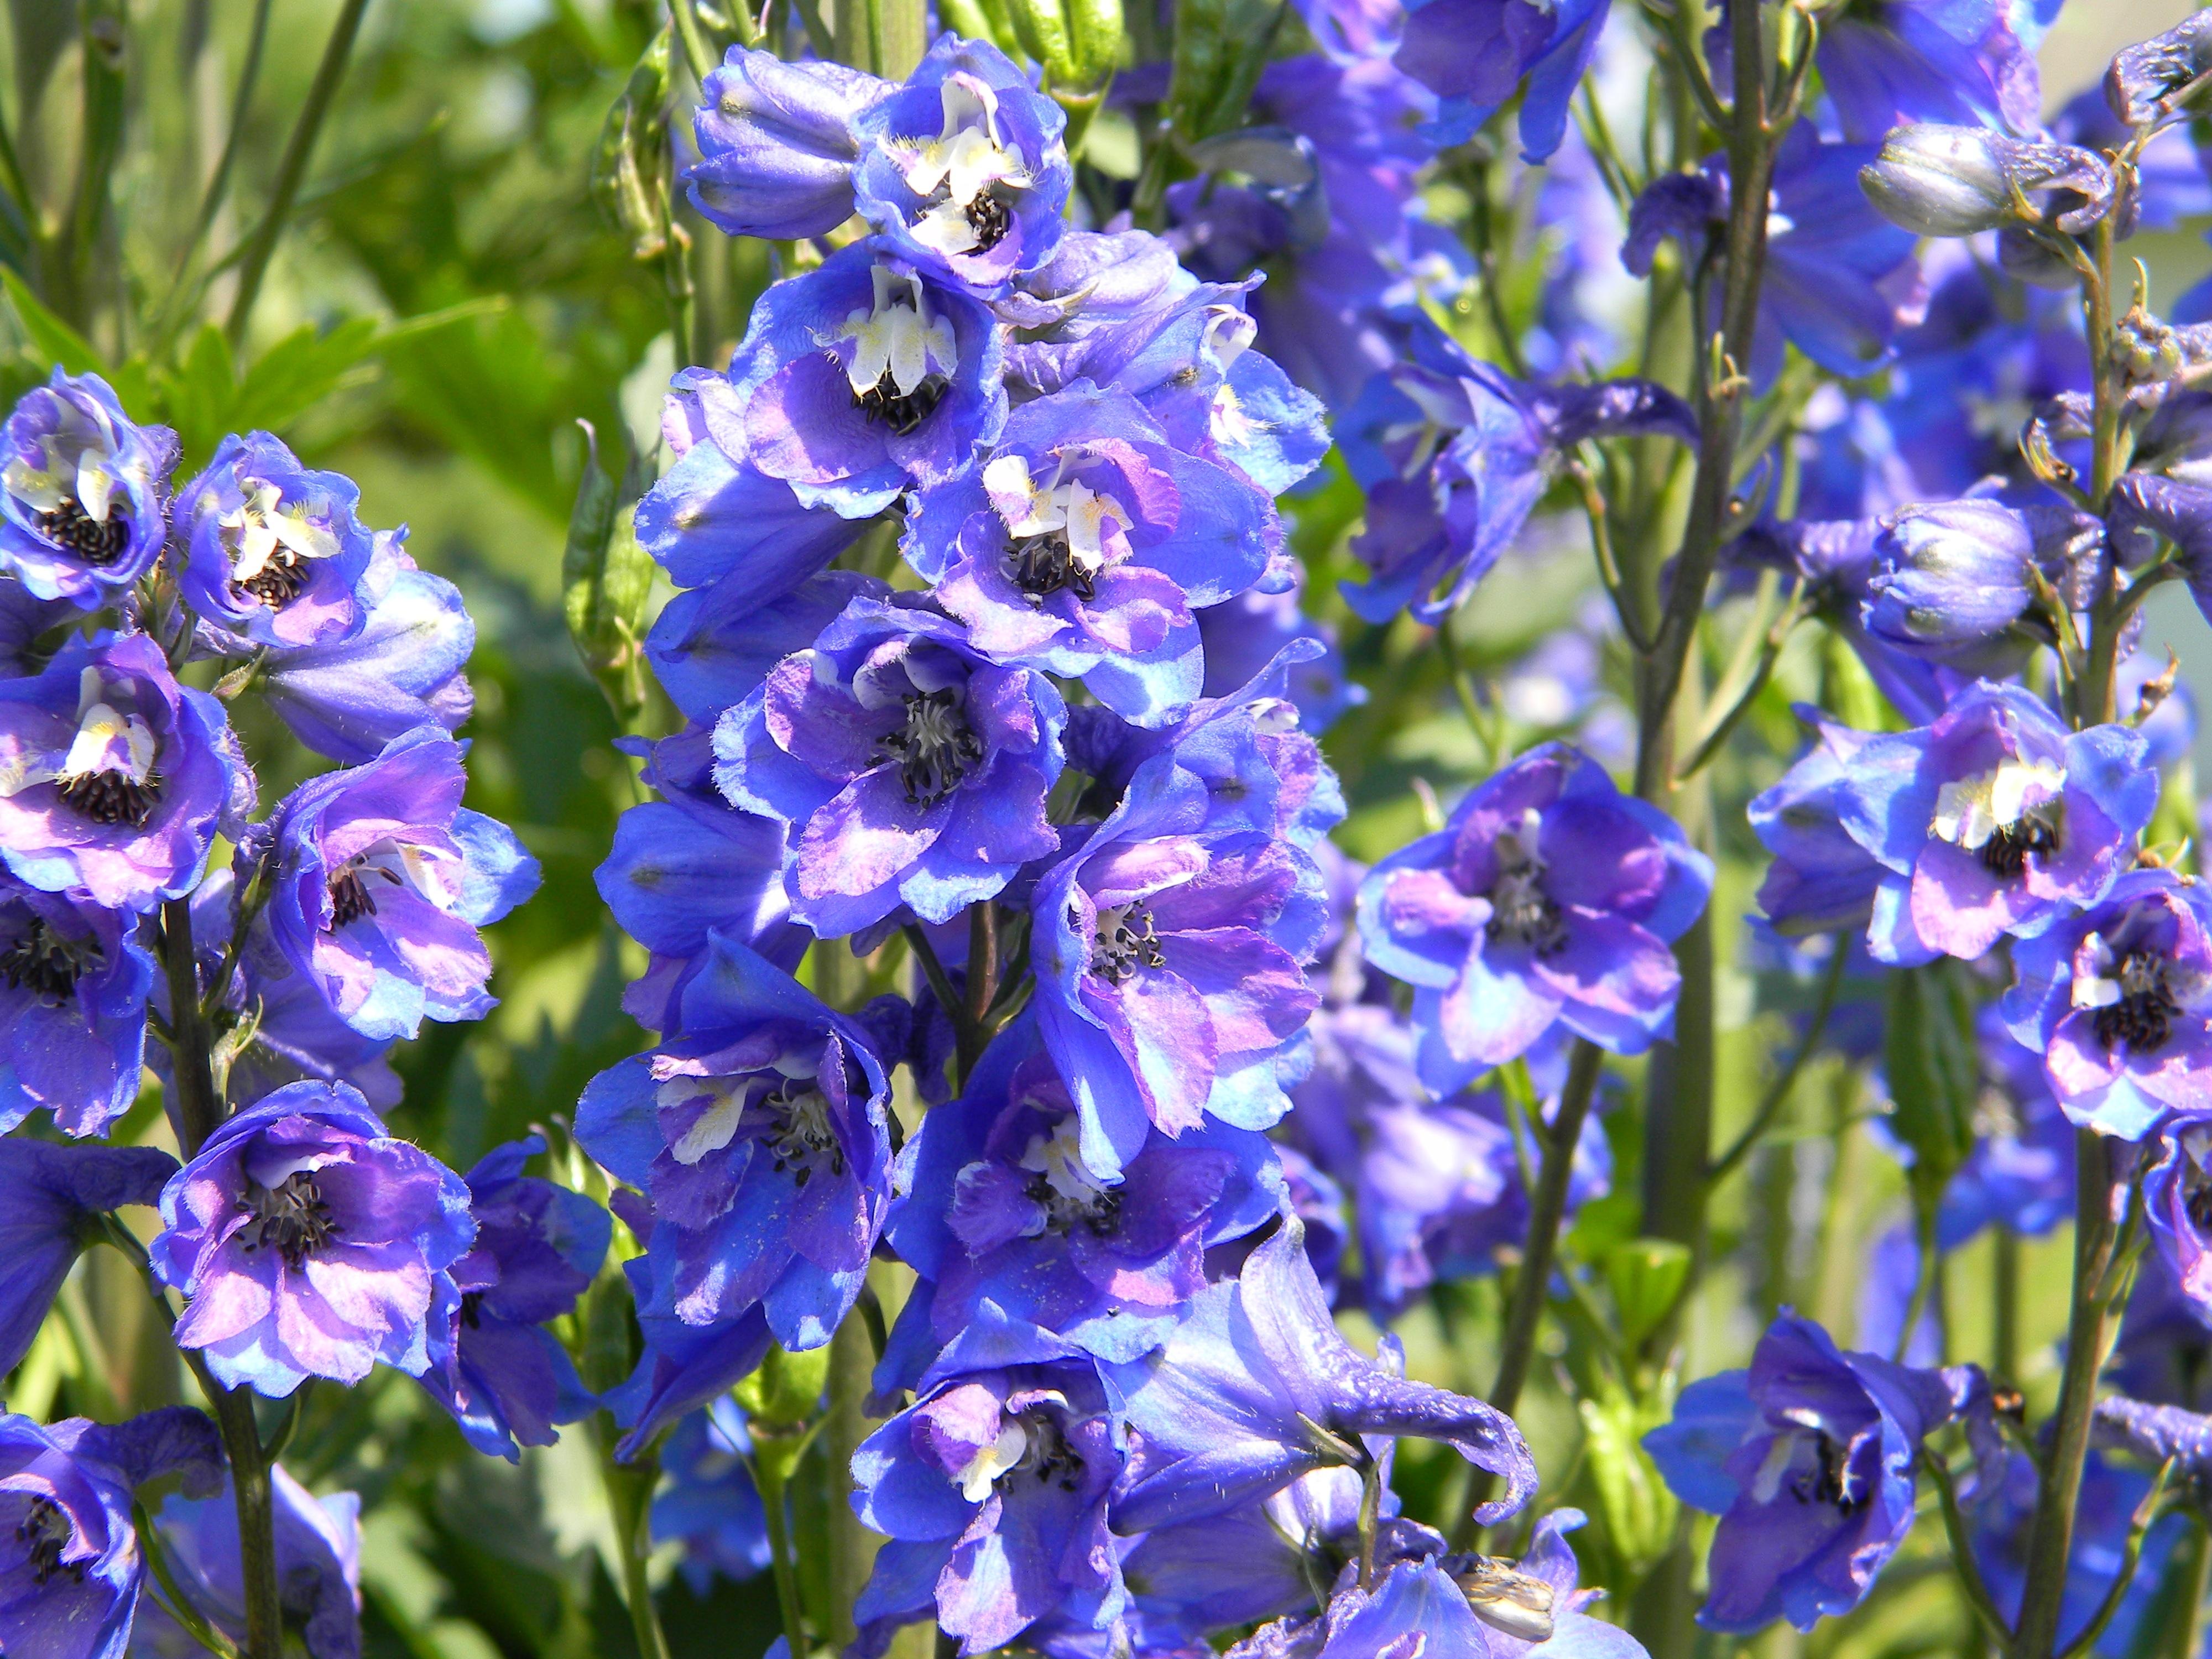 kostenlose foto : natur, blume, blühen, sommer-, grün, kraut, blau ... - Garten Blumen Blau